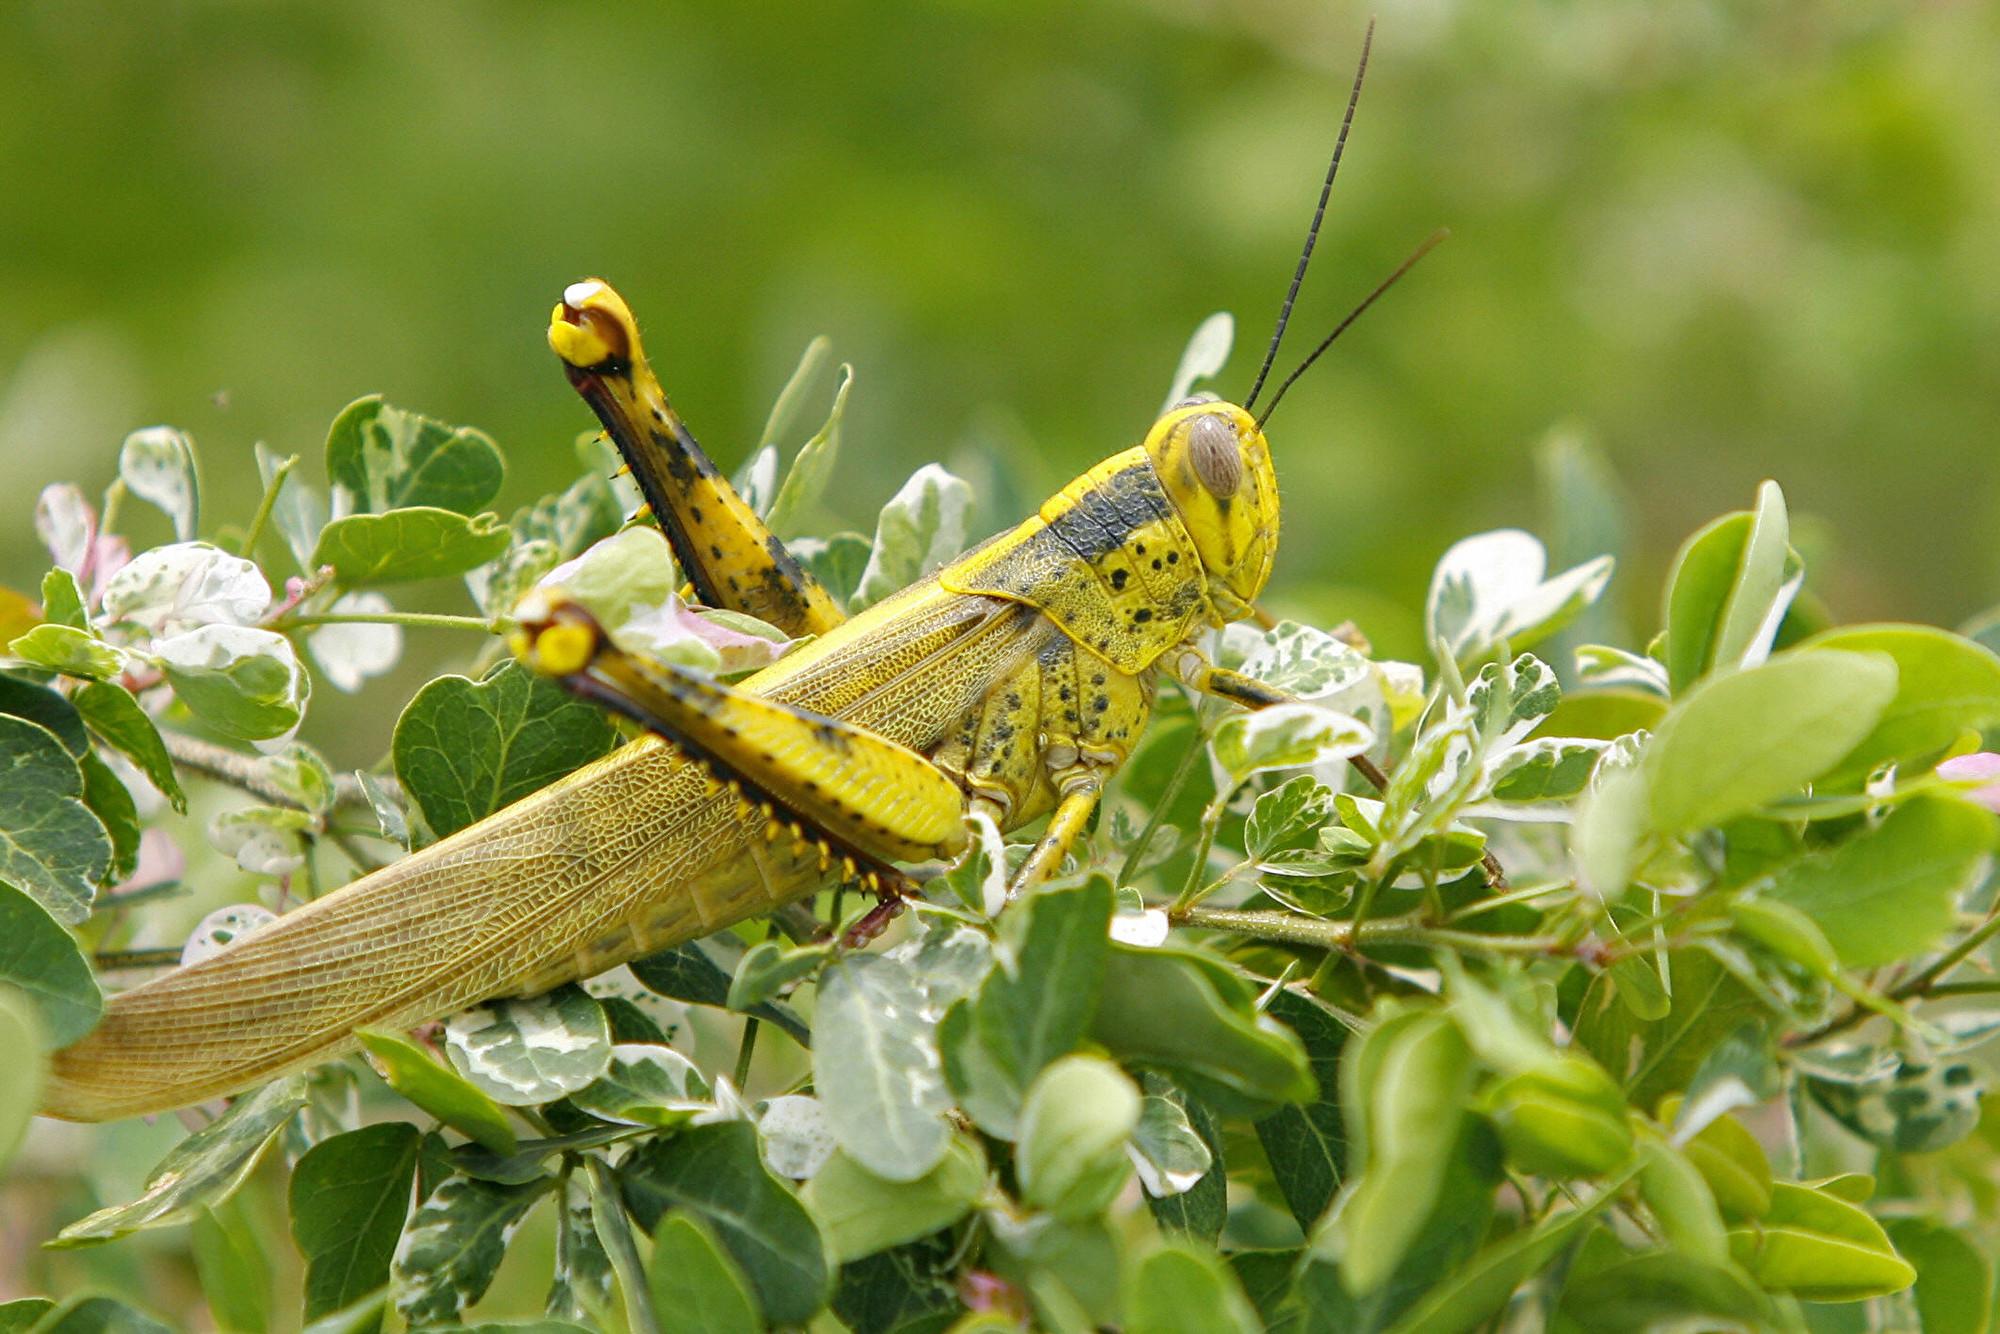 蝗蟲侵襲地中海第二大島 災情70年來最嚴重